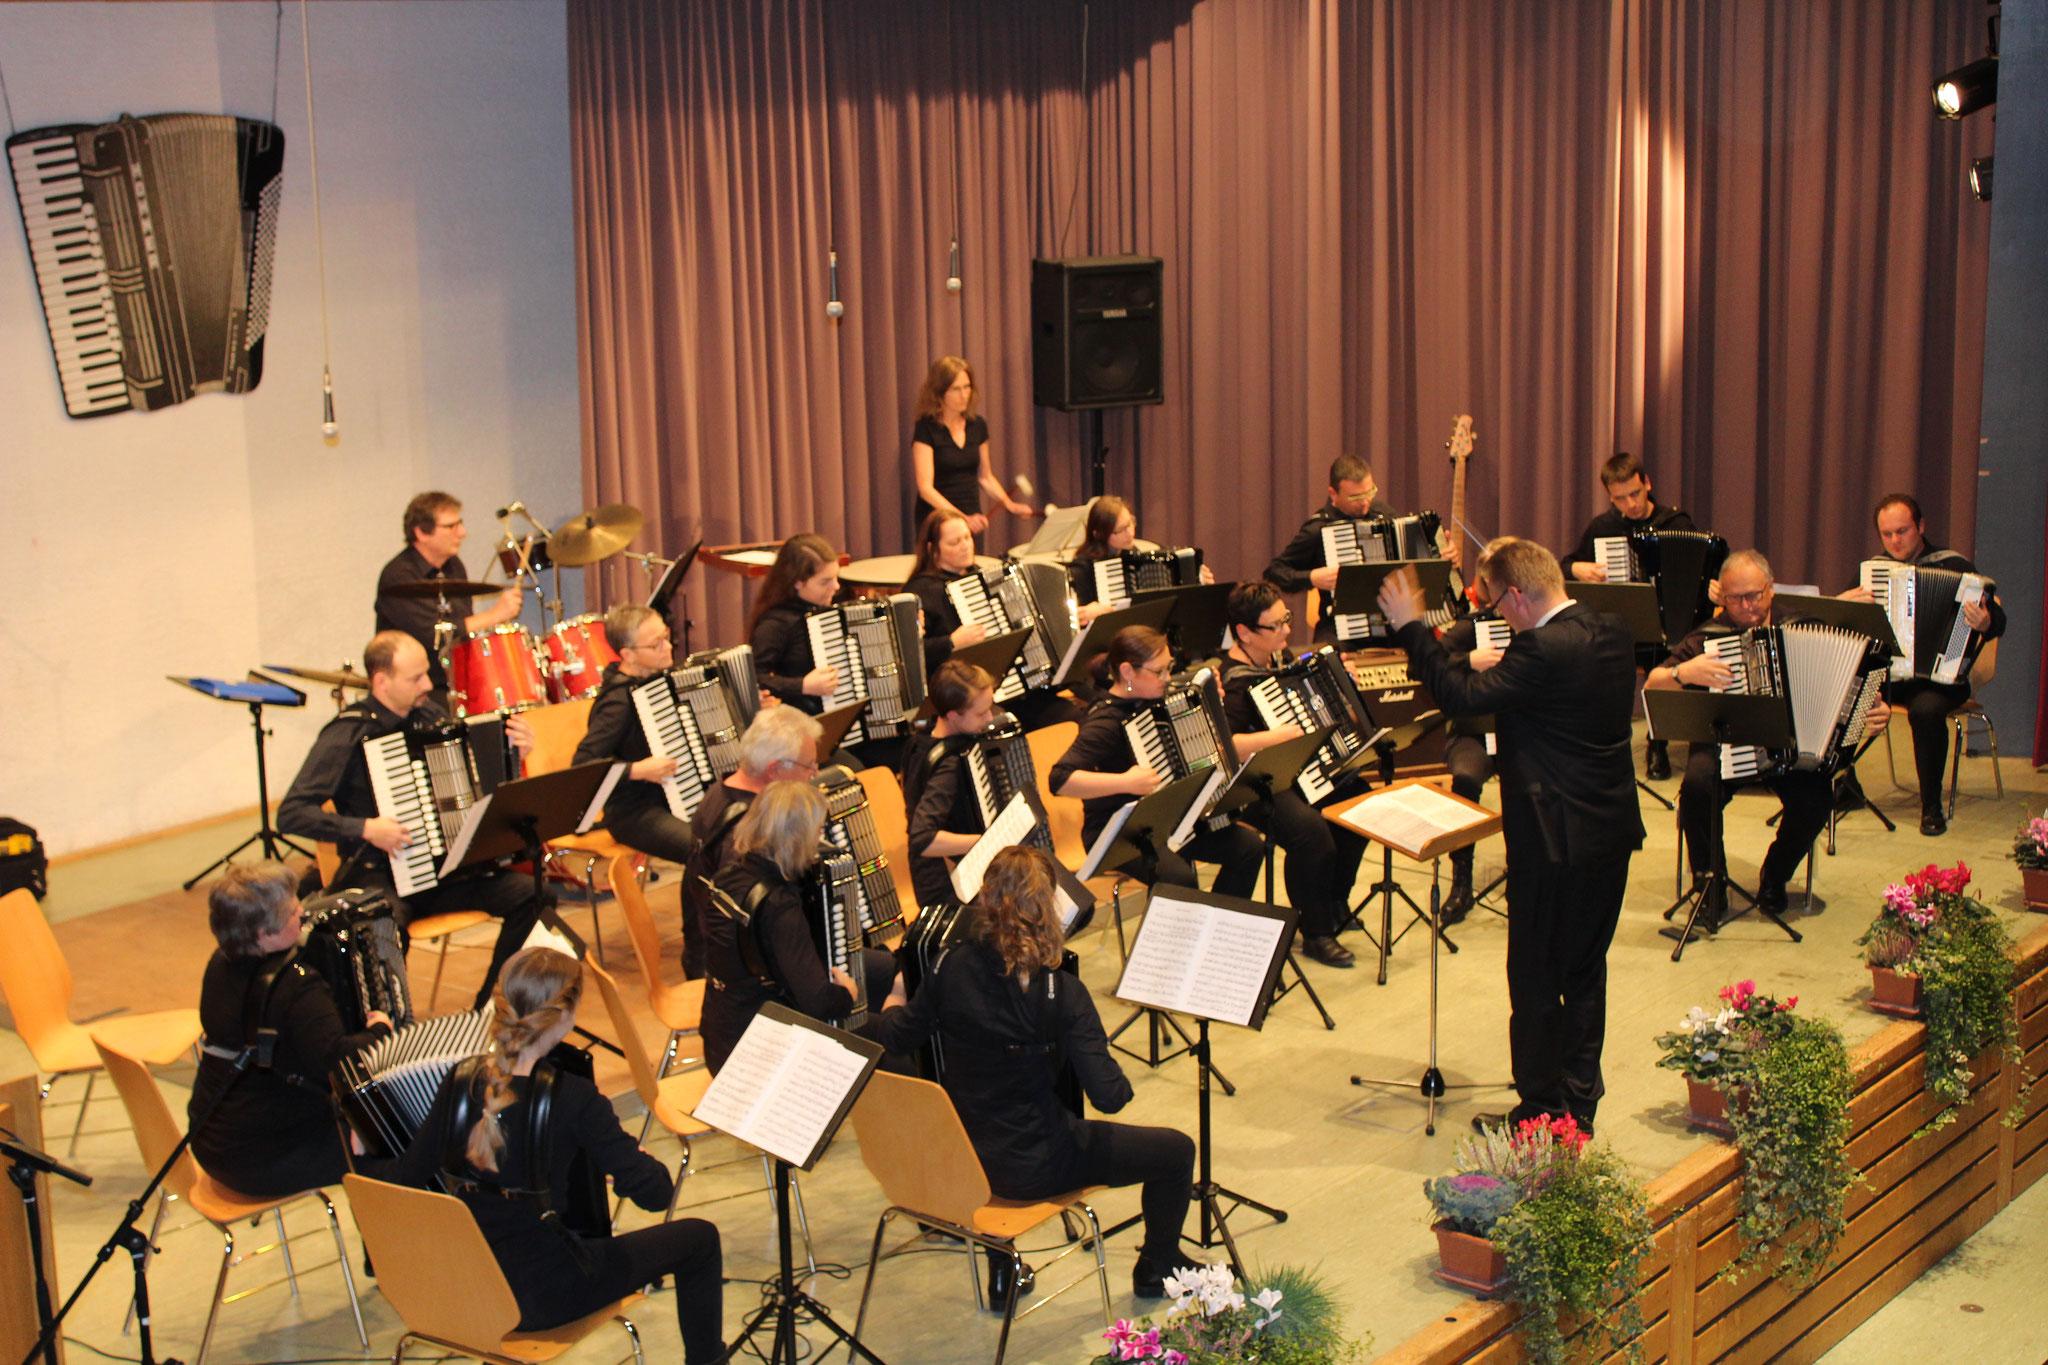 unsere Gäste: 1. Orchester des Harmonikaring Berghausen - wir bedanken uns herzlich für die tolle Konzertmitgestaltung!